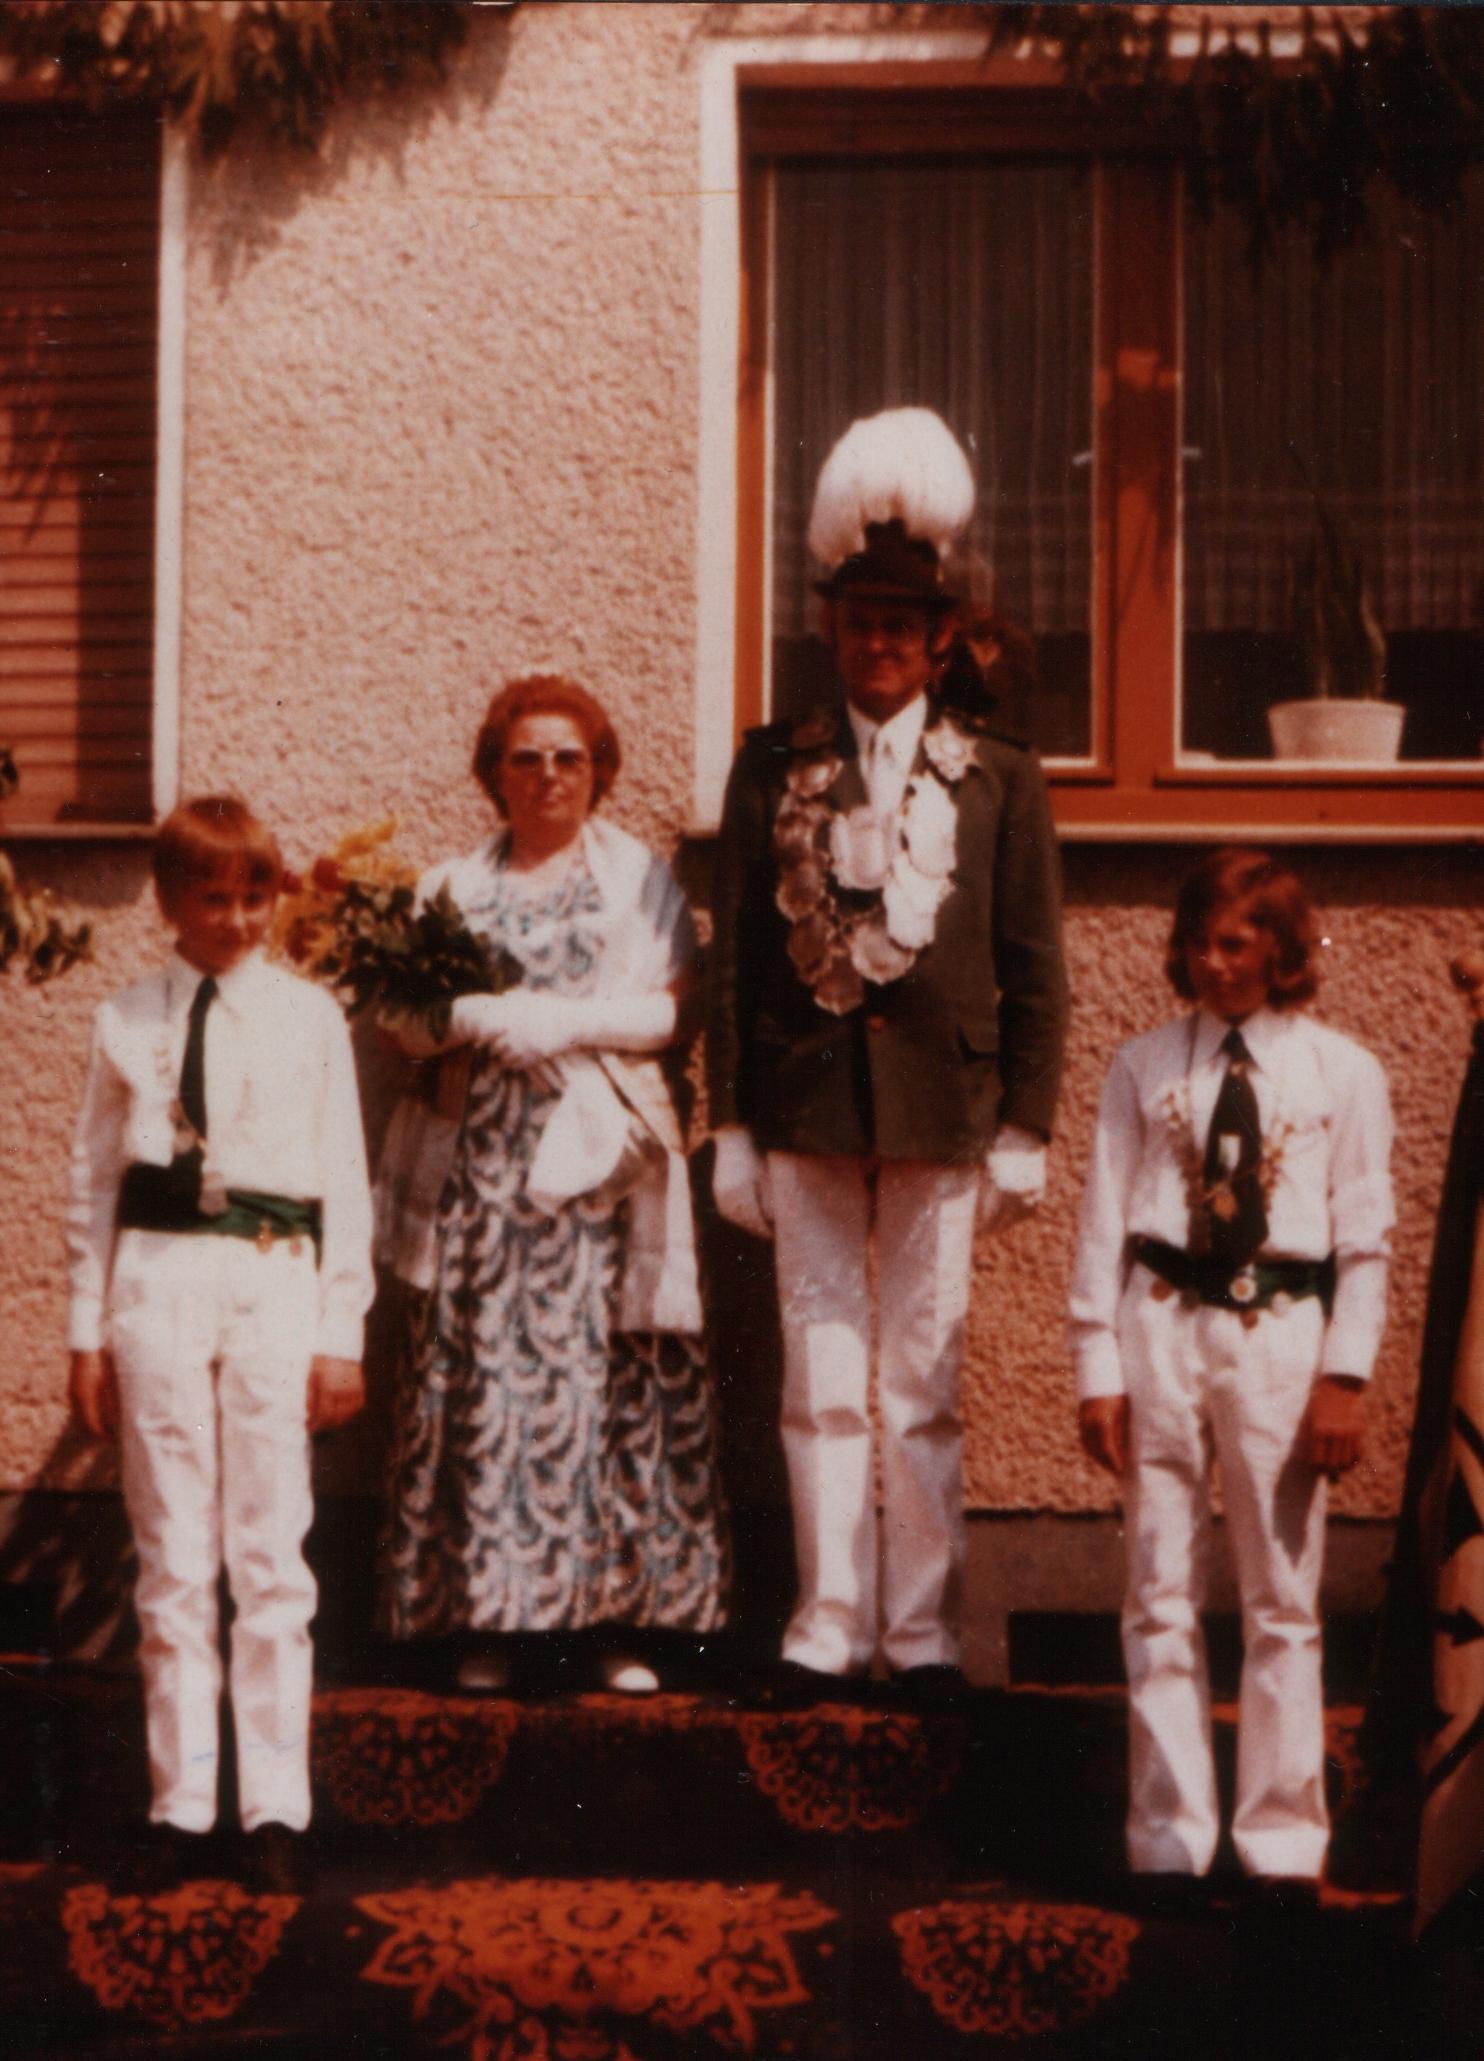 koenig_1974